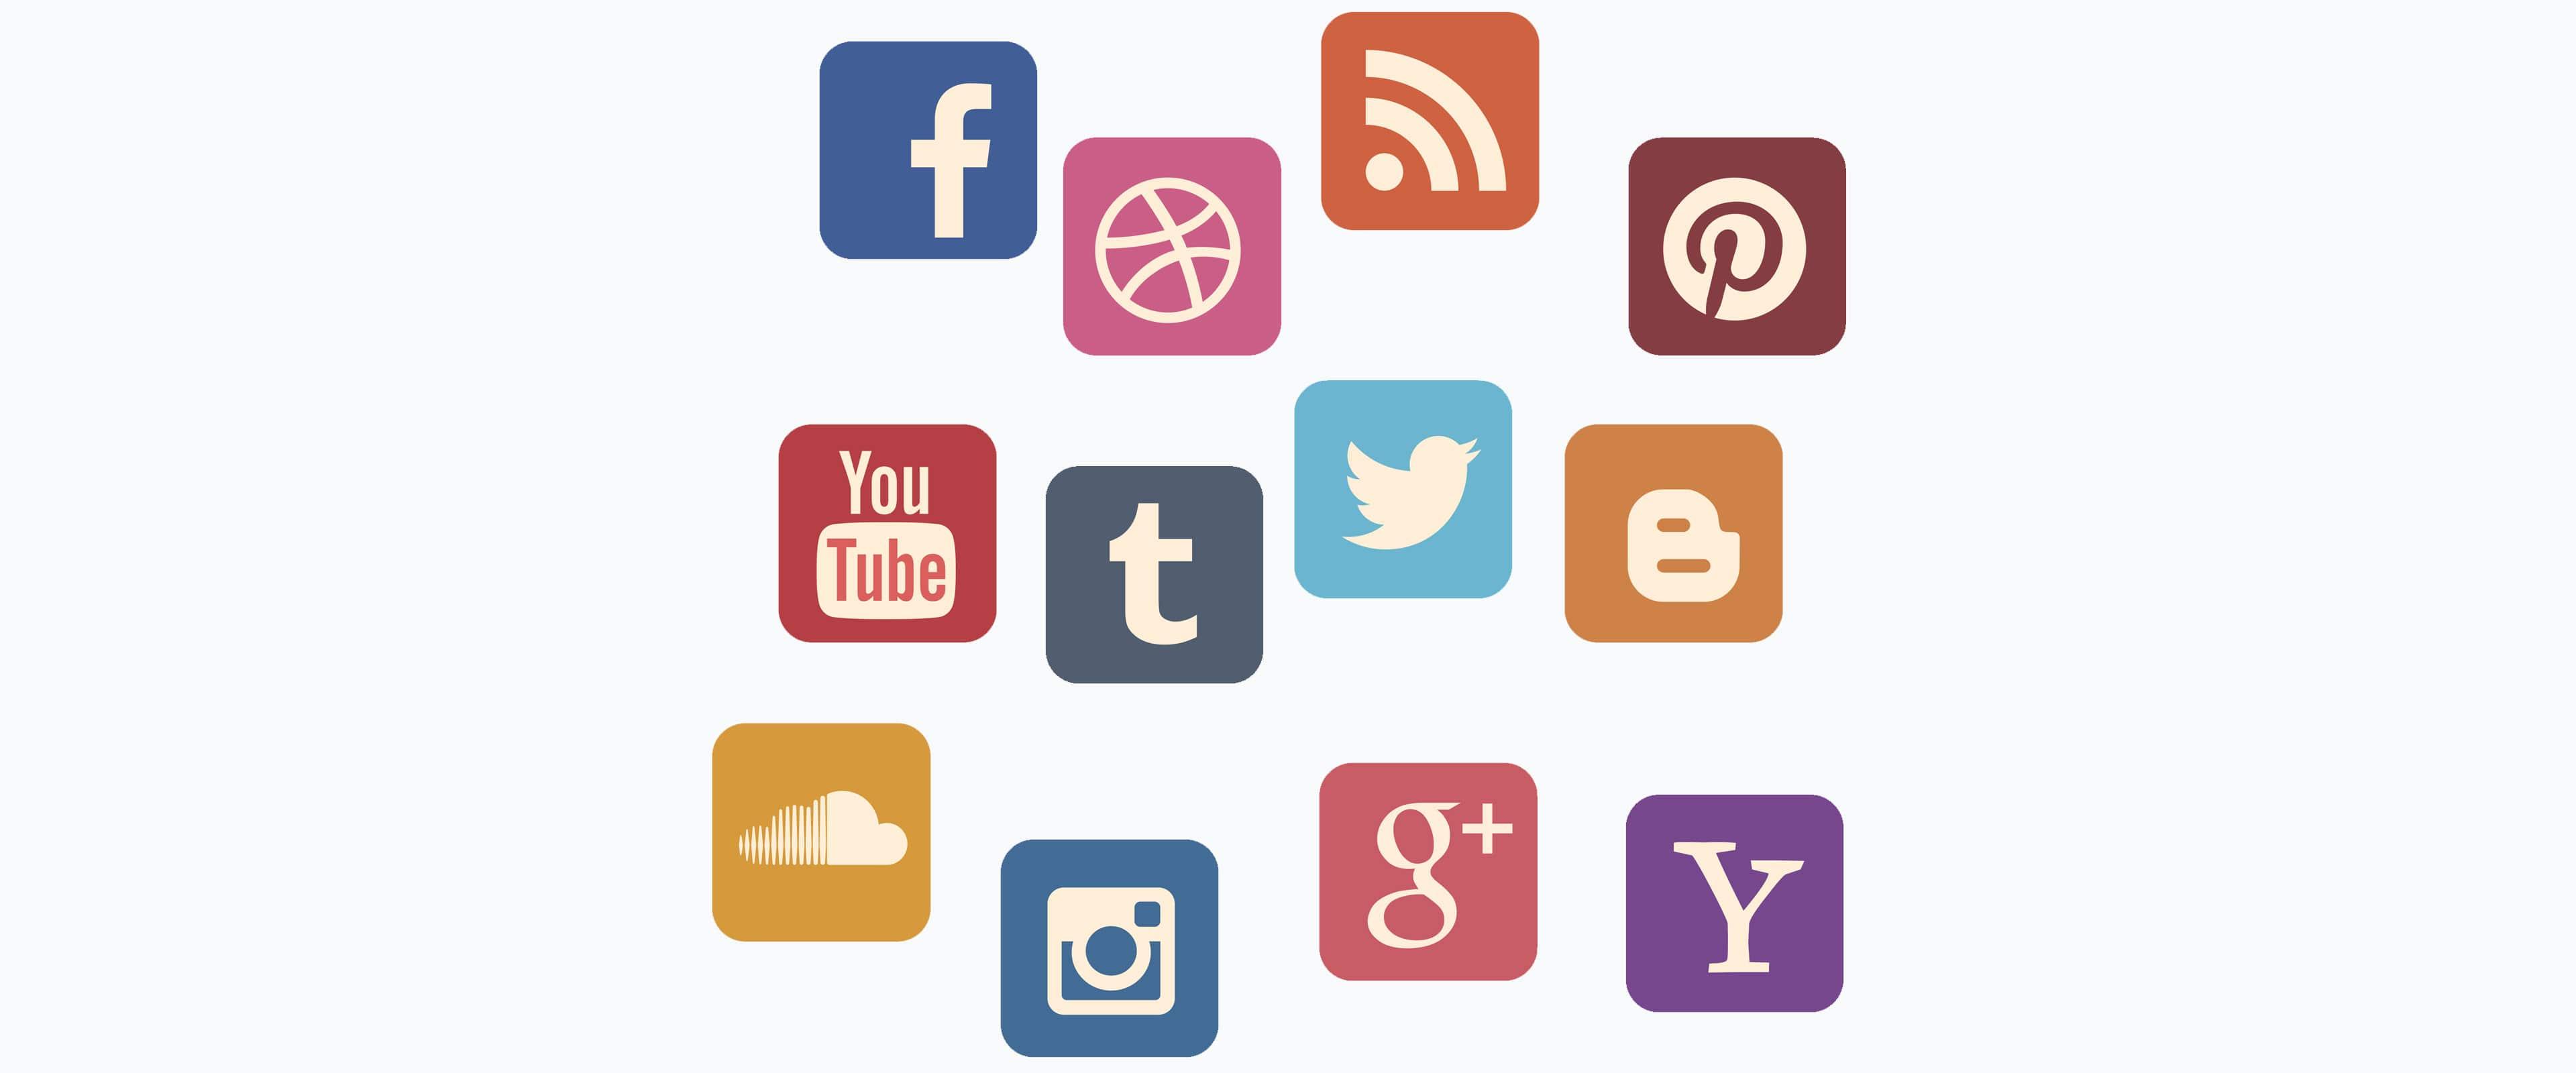 social-media-web-icons-whatshealth